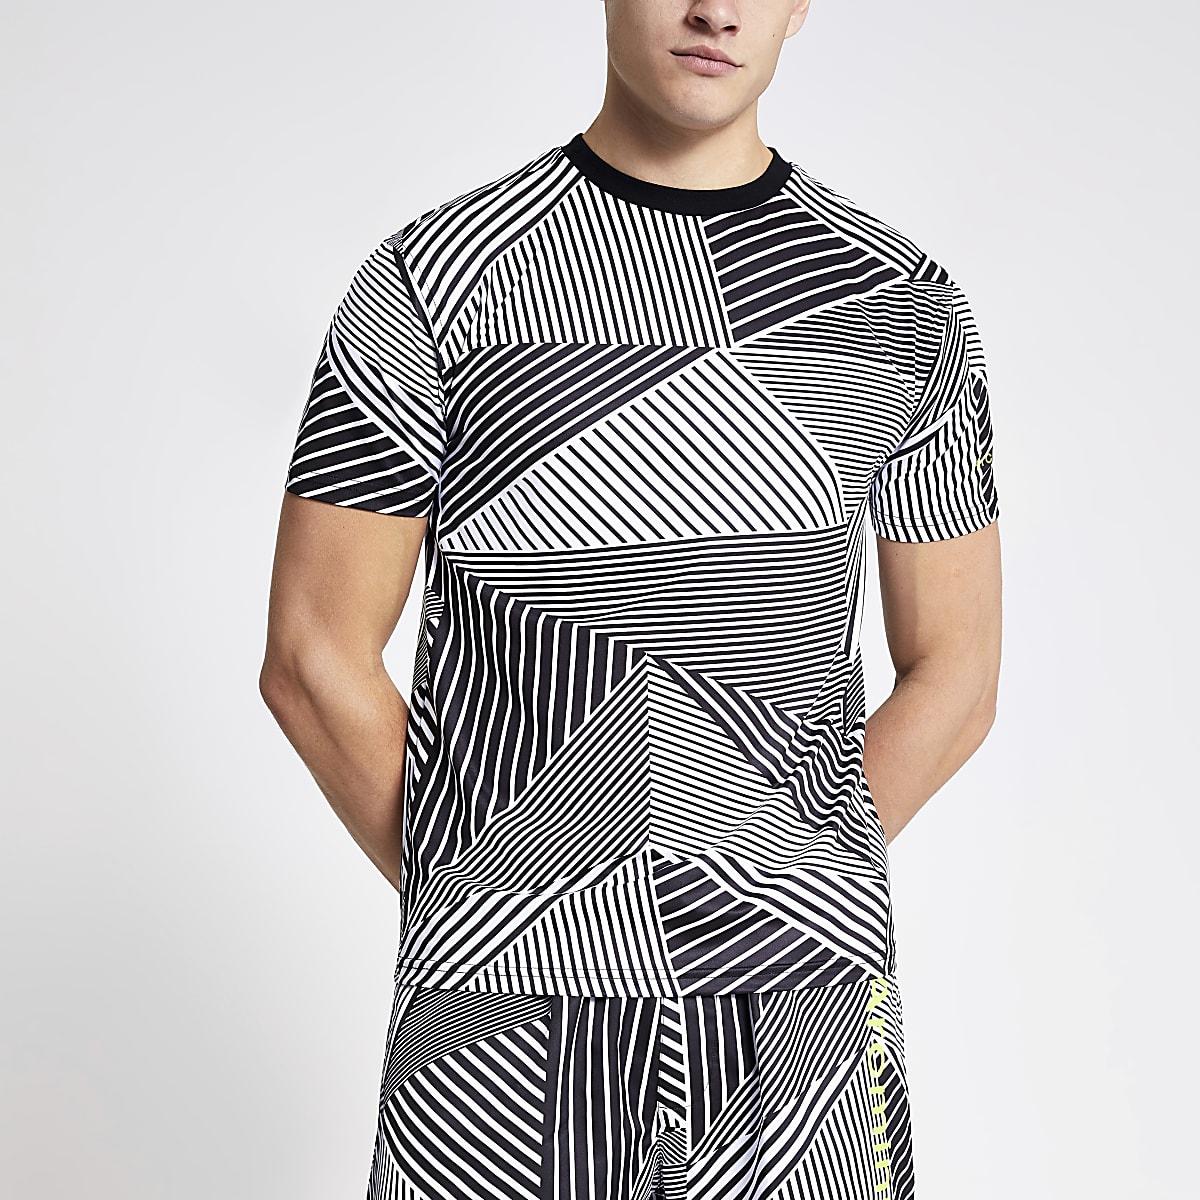 Arcminute - Zwart T-shirt met geometrische print